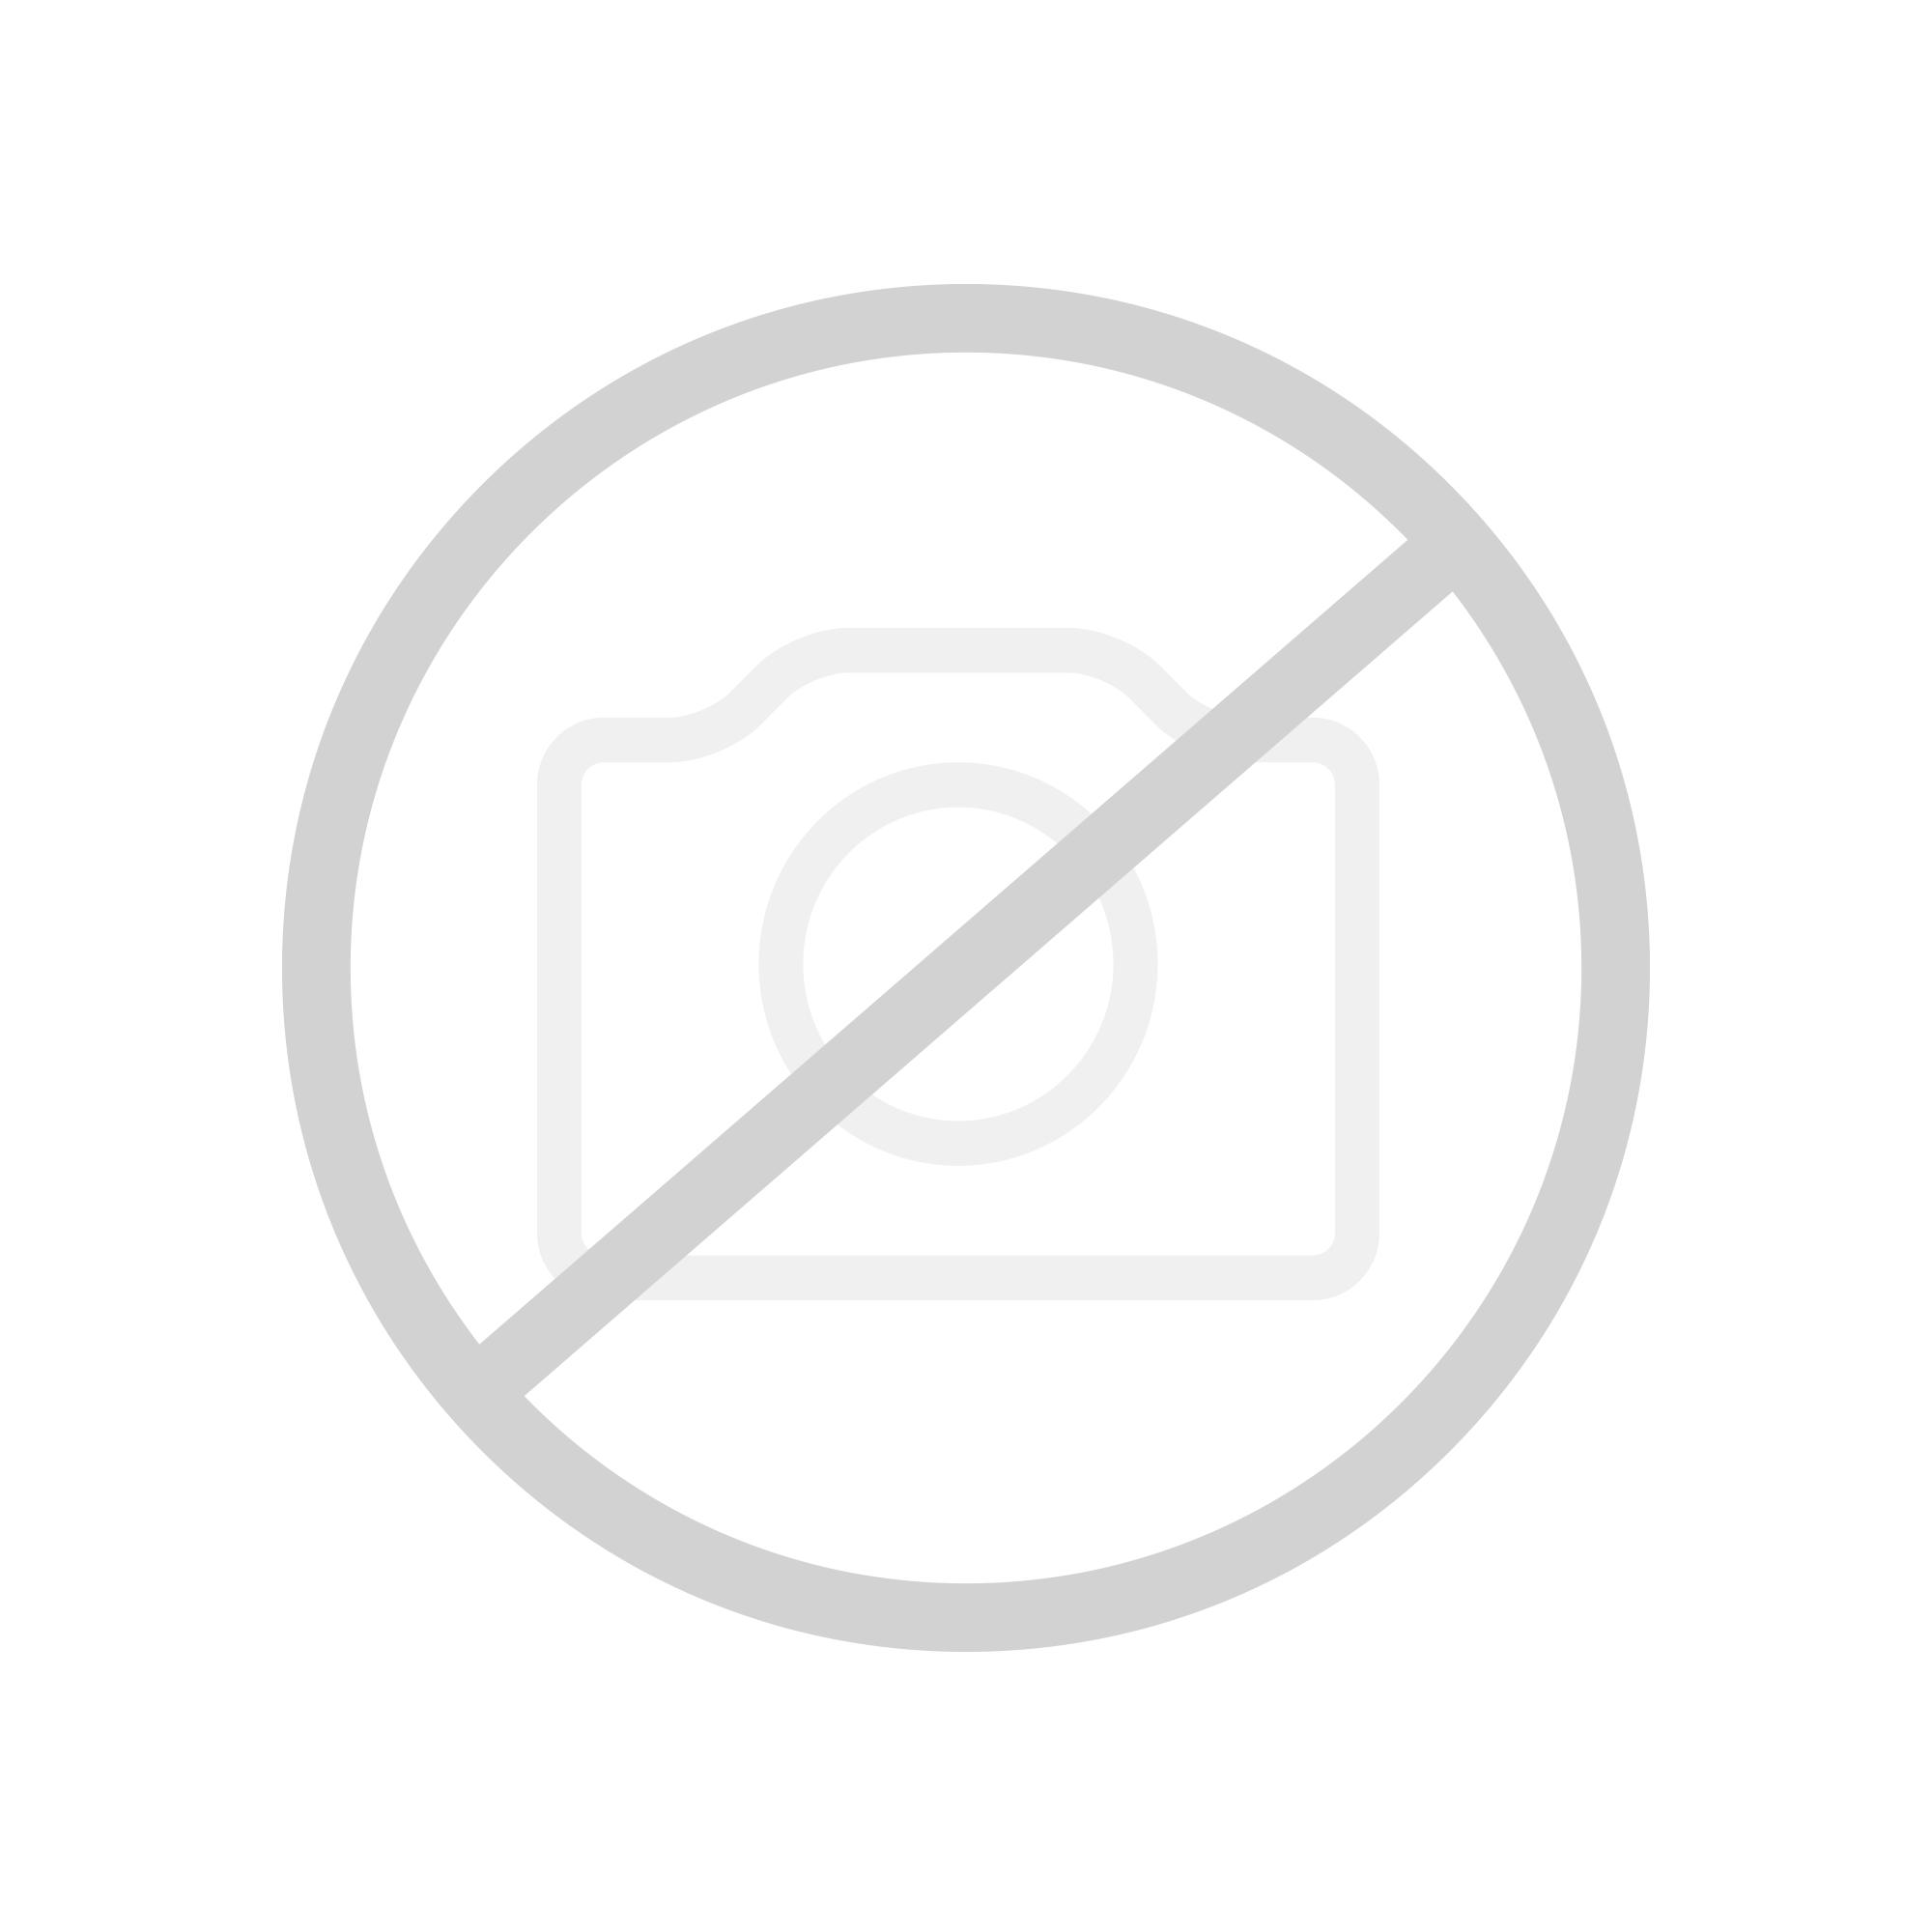 kaldewei bassino freistehende rechteck badewanne wei 254048050001 reuter onlineshop. Black Bedroom Furniture Sets. Home Design Ideas